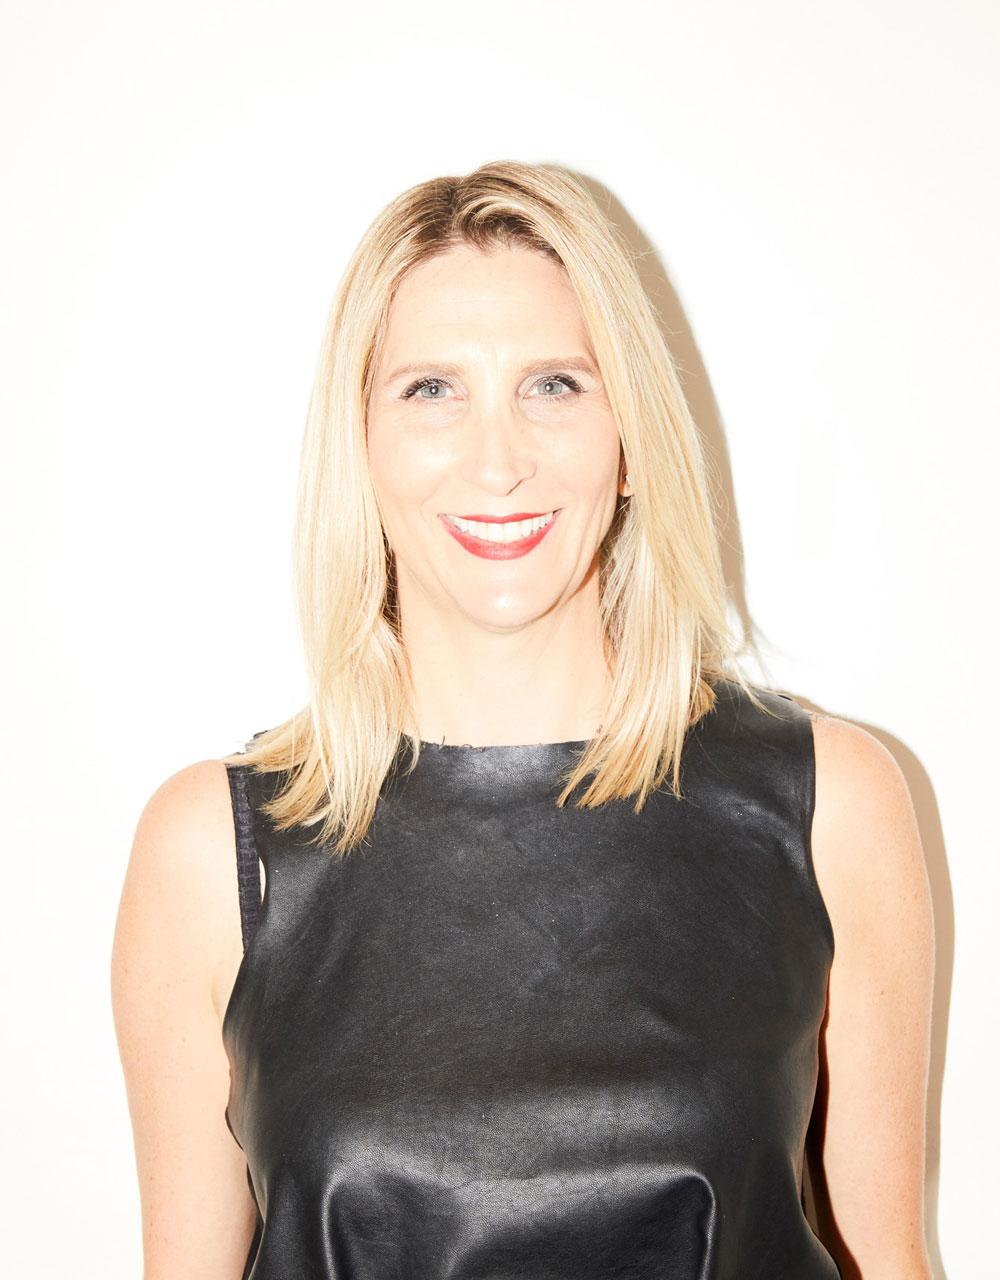 sonrisa trifft Fred Segal CEO Allison Samek zum Gespräch über die Expansion in die Schweiz, Girlbosses und wichtige Fashion-Basics.